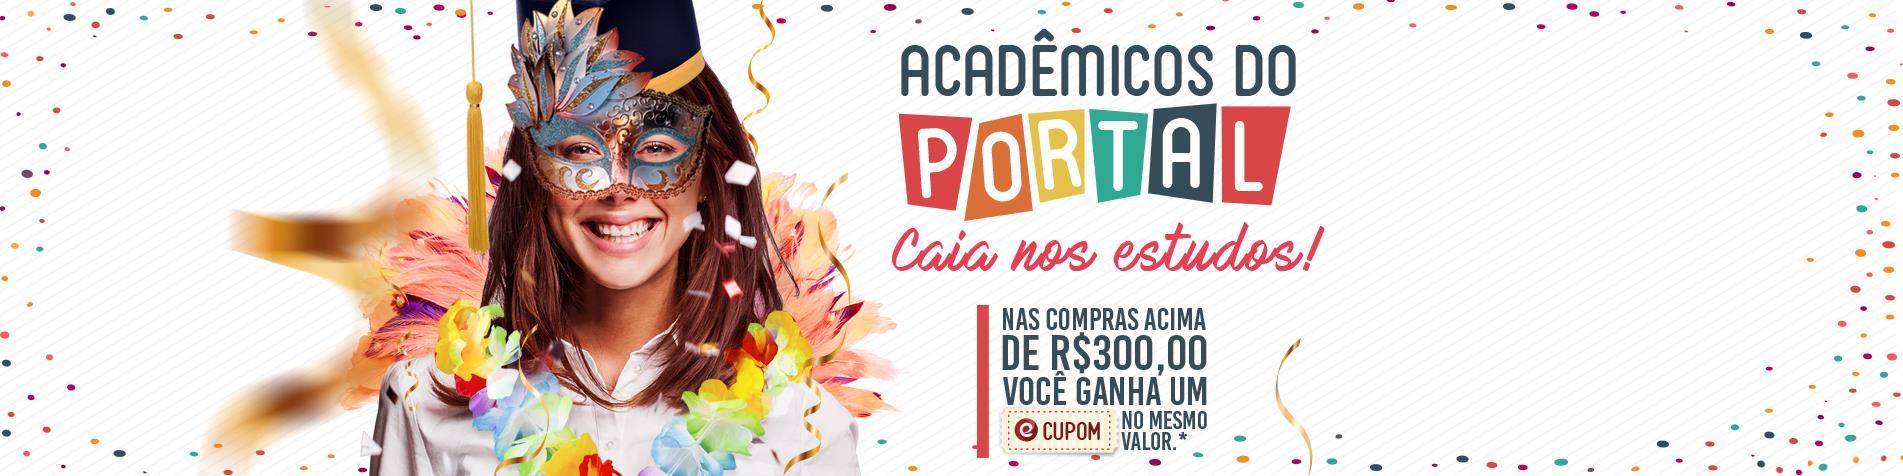 Campanha Acadêmicos do Portal